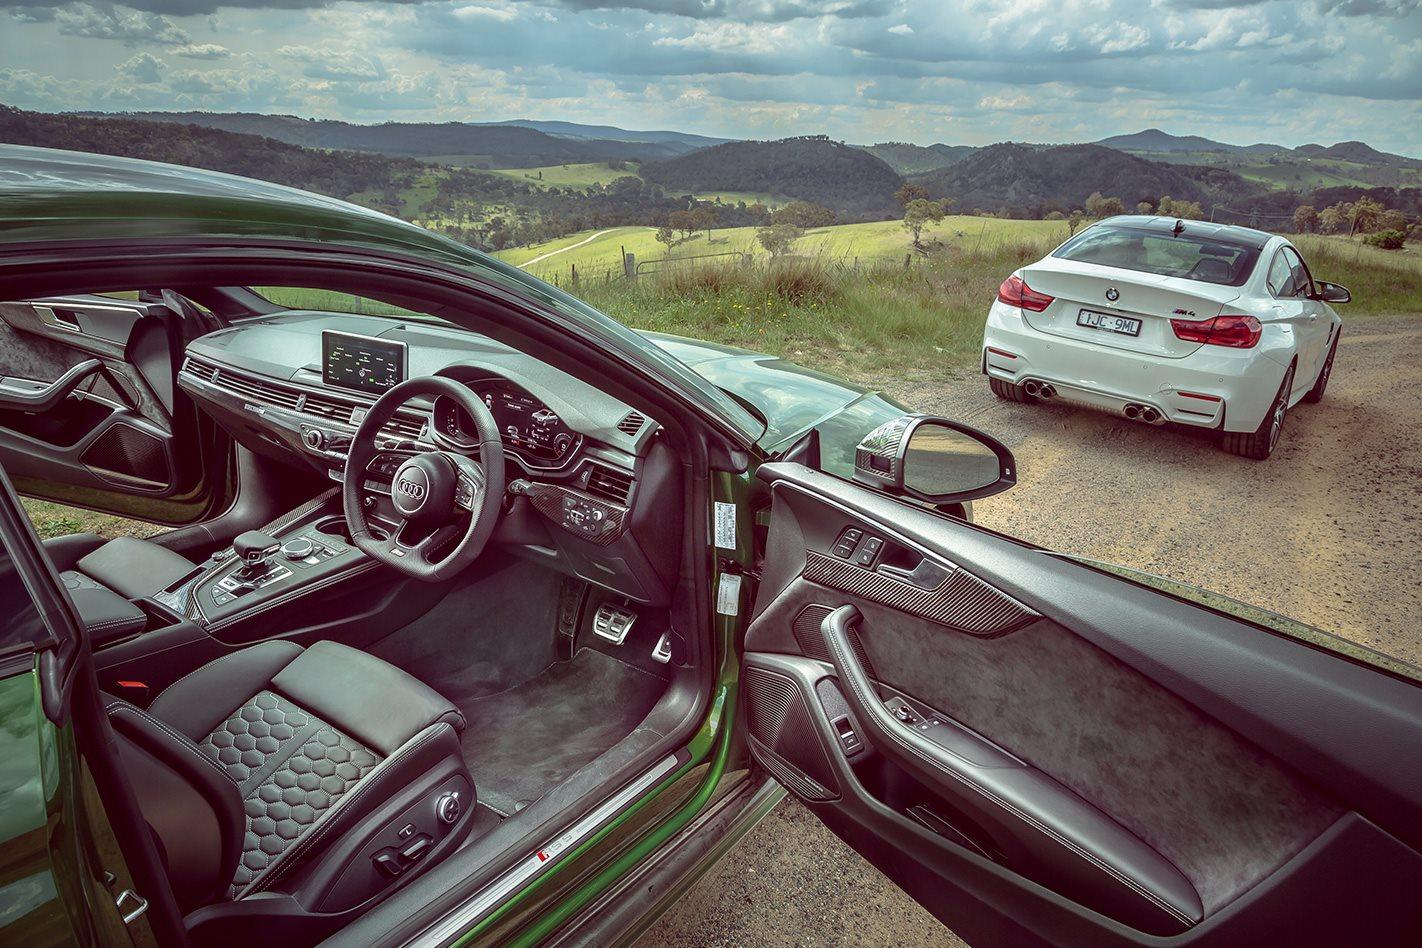 Audi RS5 vs BMW M4 vs Mercedes-AMG C63 comparison